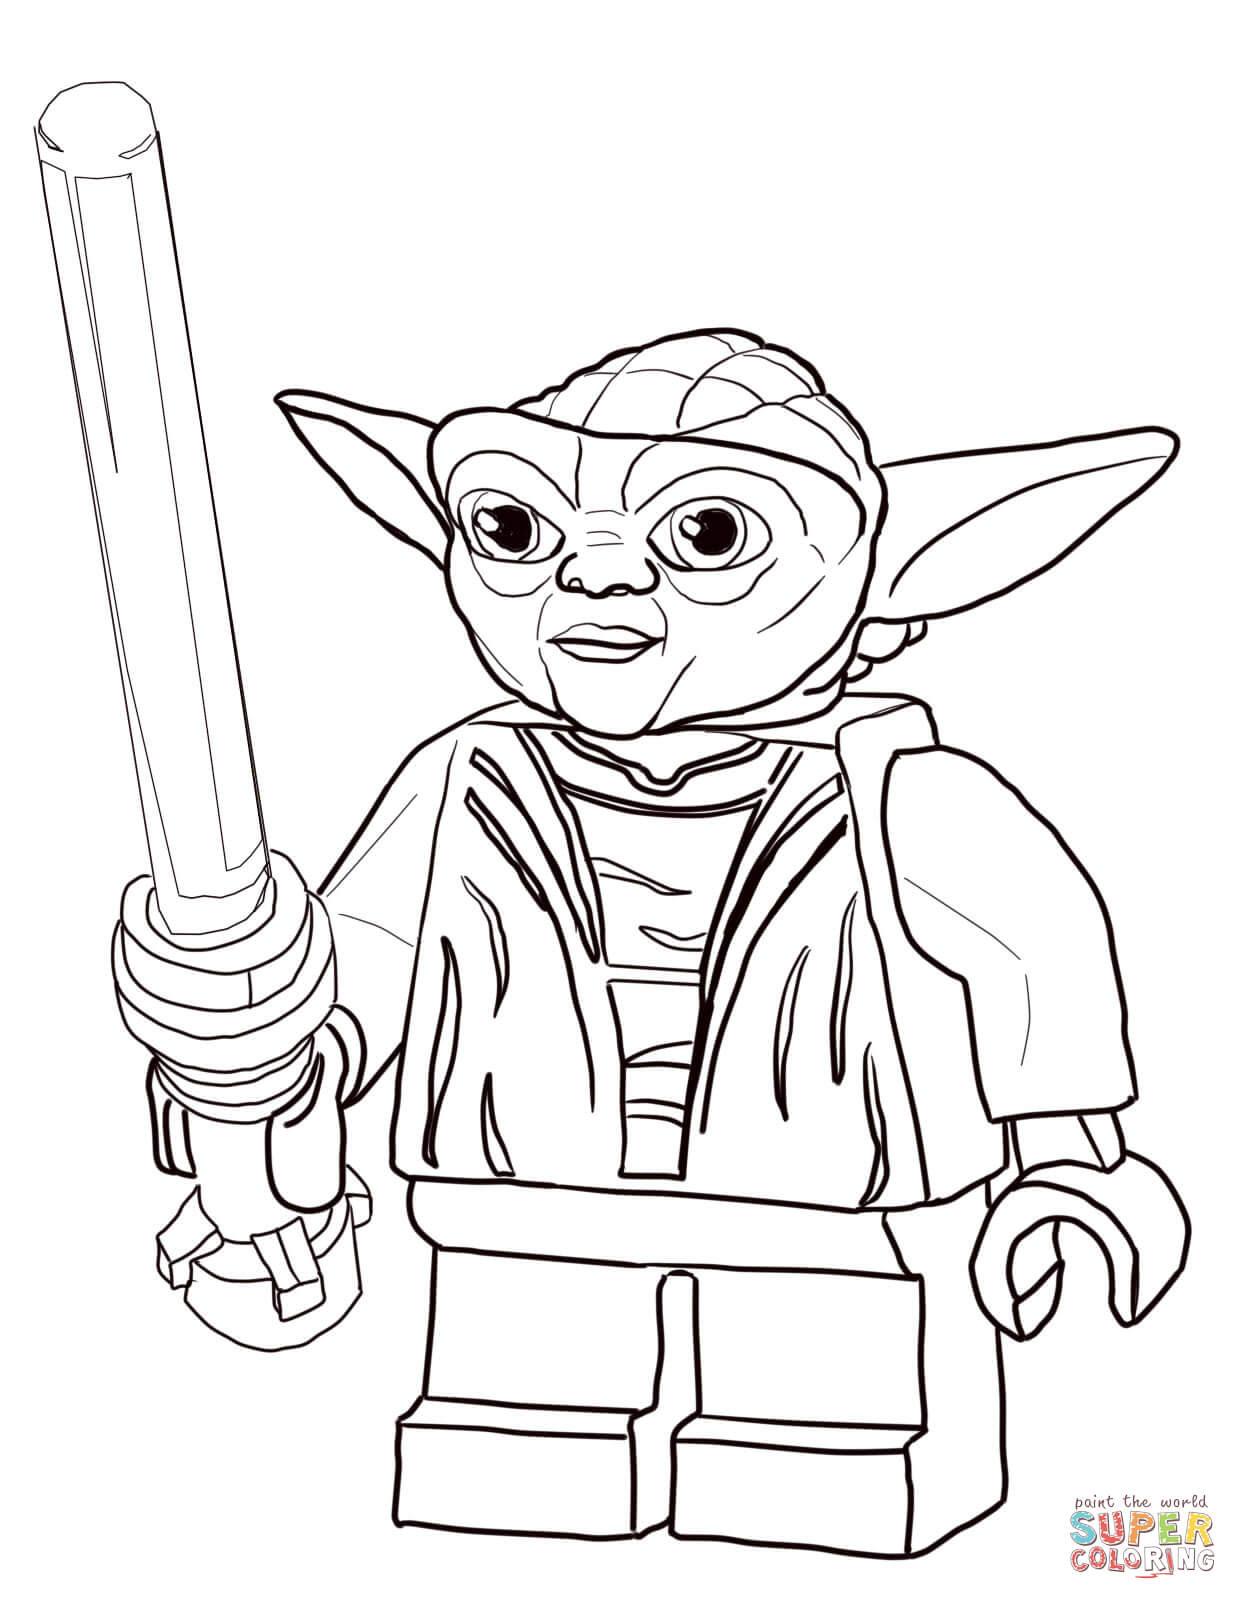 Lego Star Wars Ausmalbilder  Ausmalbild Lego Star Wars Meister Yoda